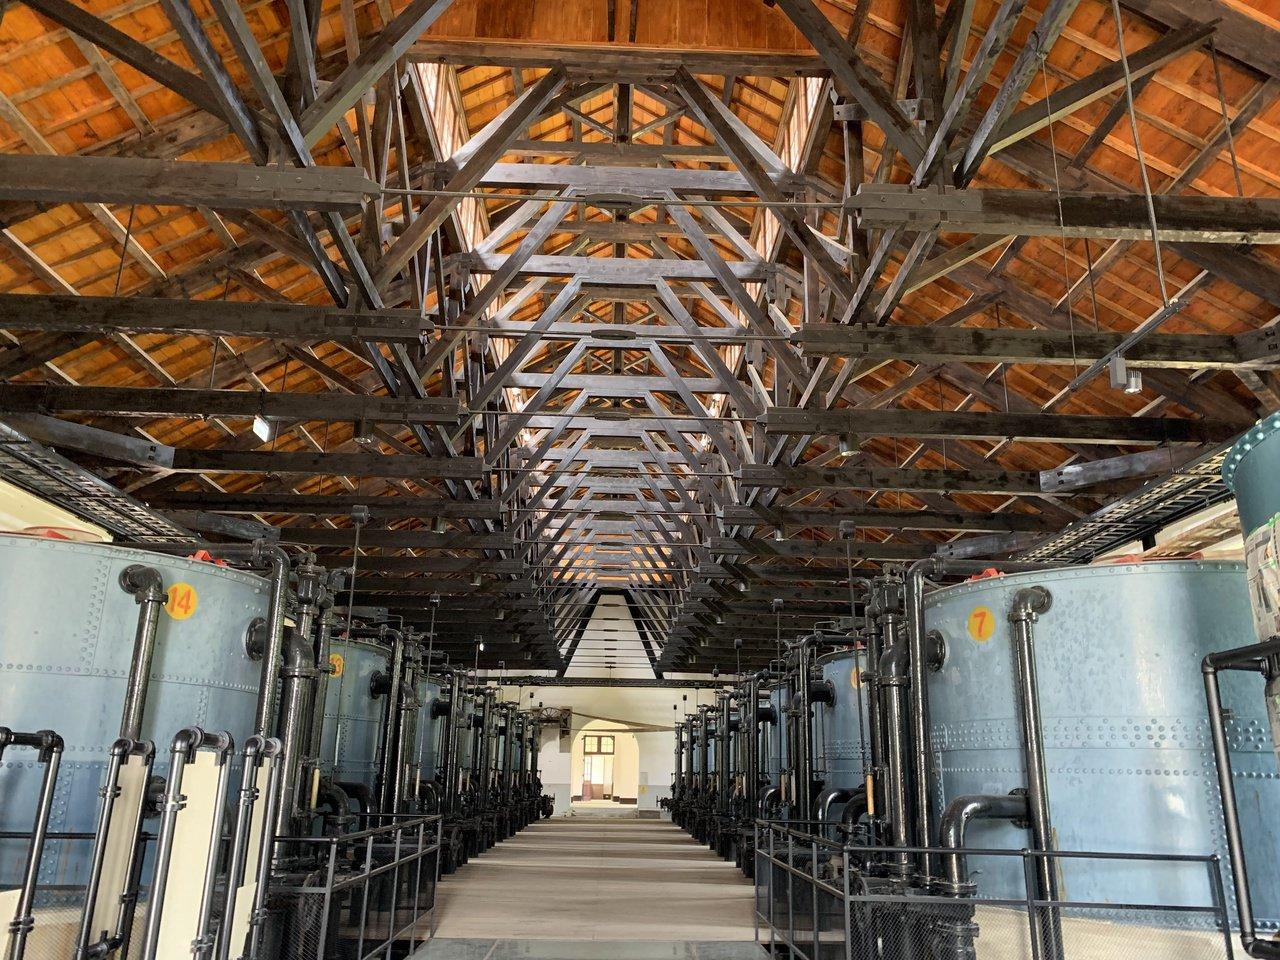 台南山上花園水道博物館整修完成,快濾筒室獲日本土木學會認證為世界重要土木遺產。記...